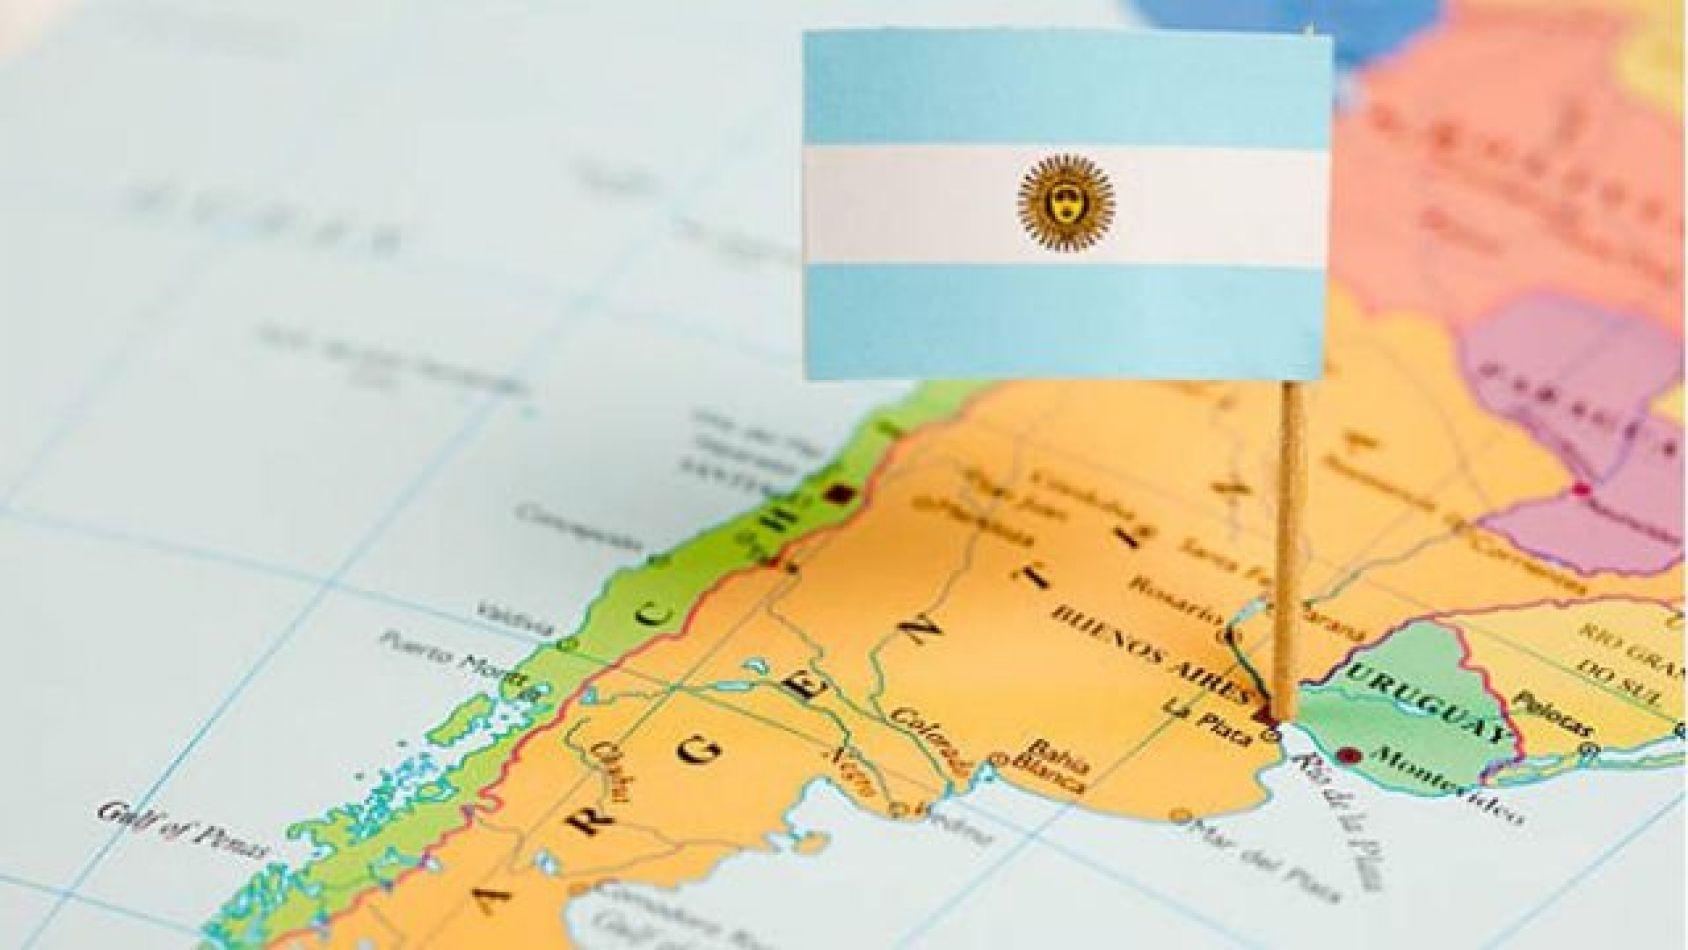 La Argentina es el país Latinoamericano con la mayor cantidad de think tanks